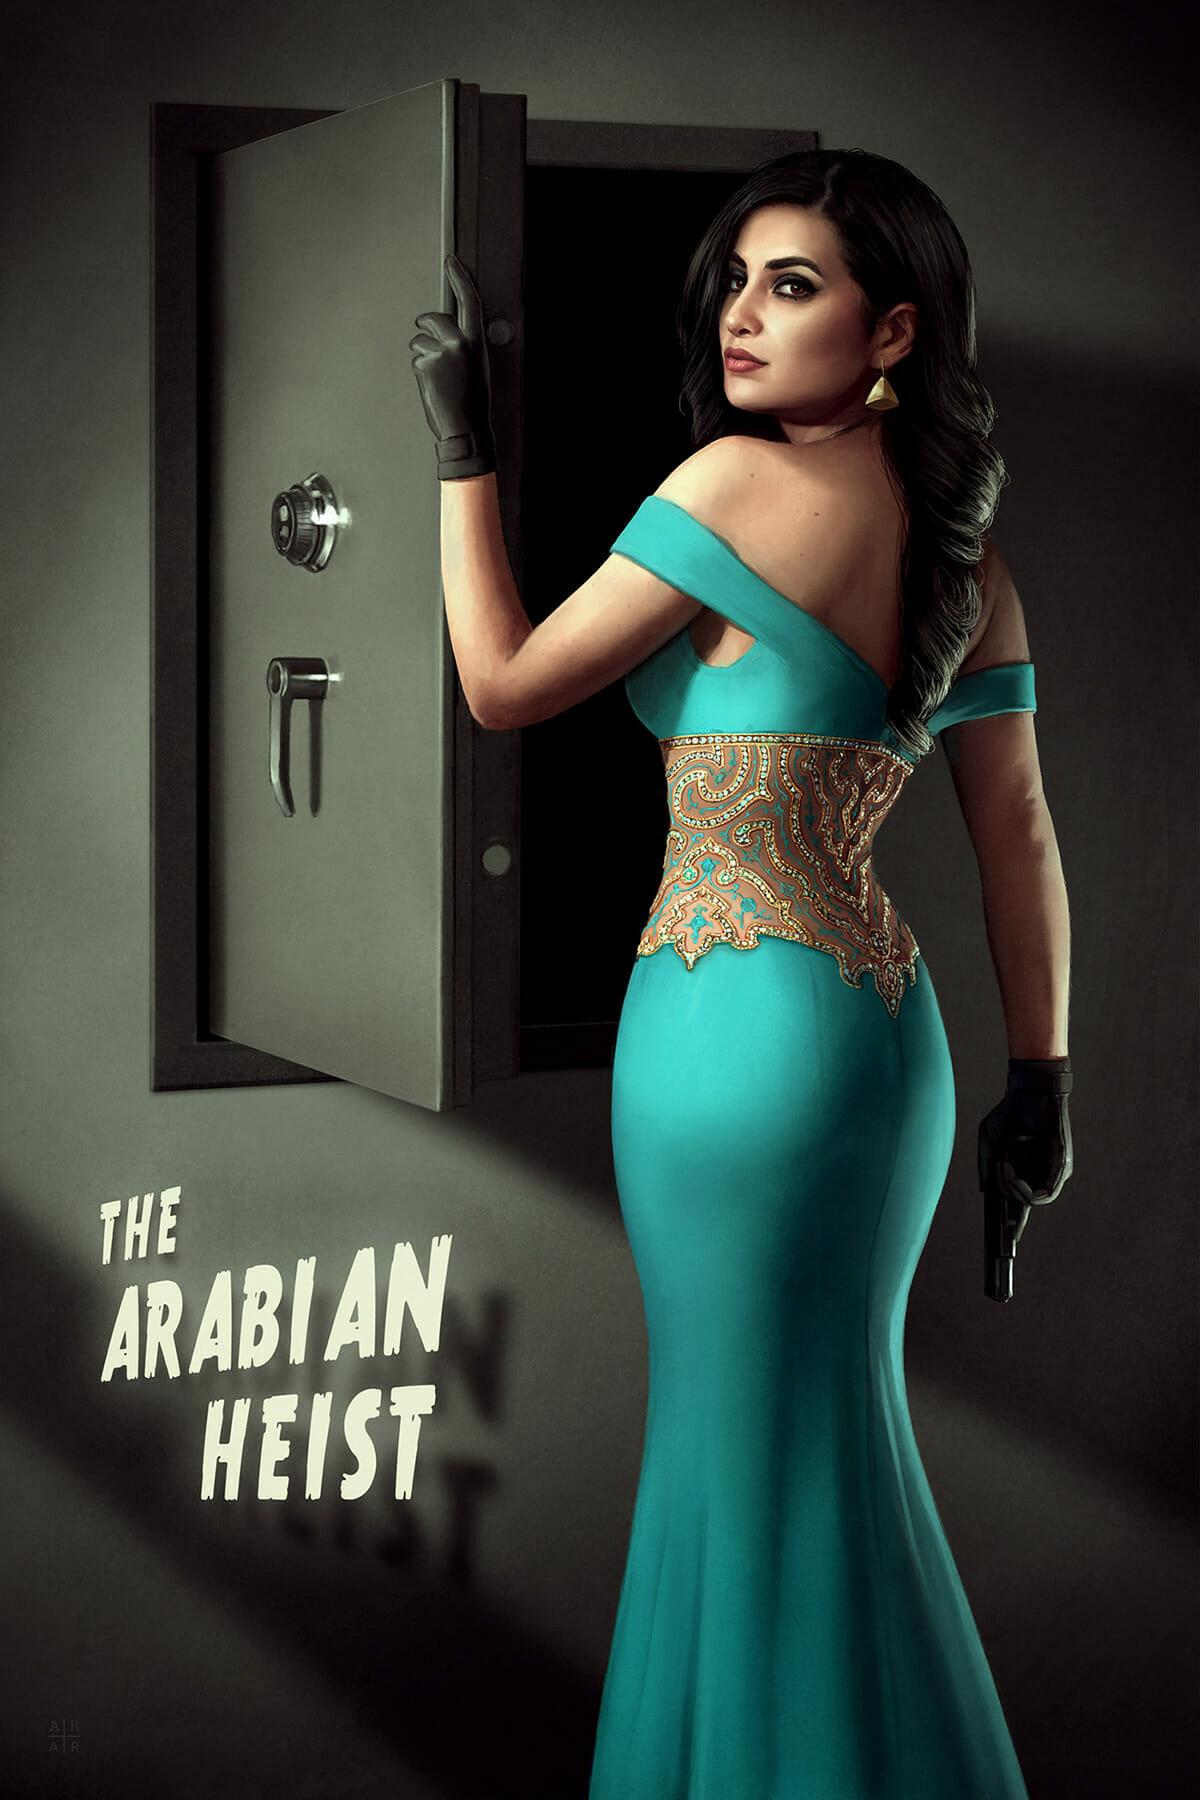 The Arabian Heist